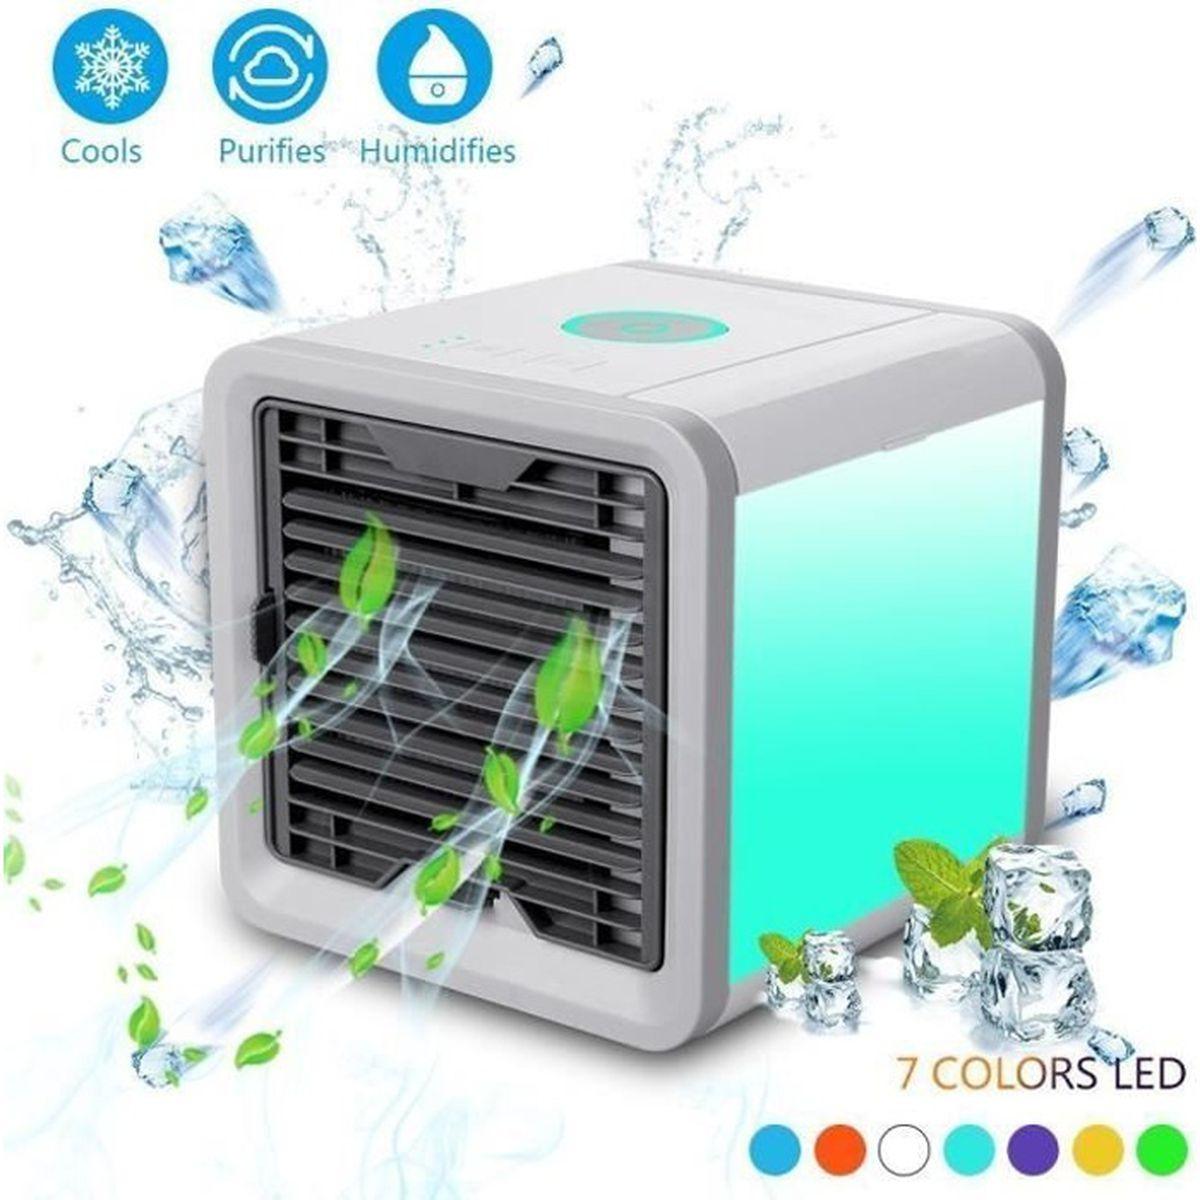 Mini climatiseur portable Air Cooler Climatiseur portable Mini Air Cooler Climatiseur Personnel Mini climatiseur pour chambre /à coucher humidificateur avec 2 minuteurs 3 vitesses 7 couleurs LED